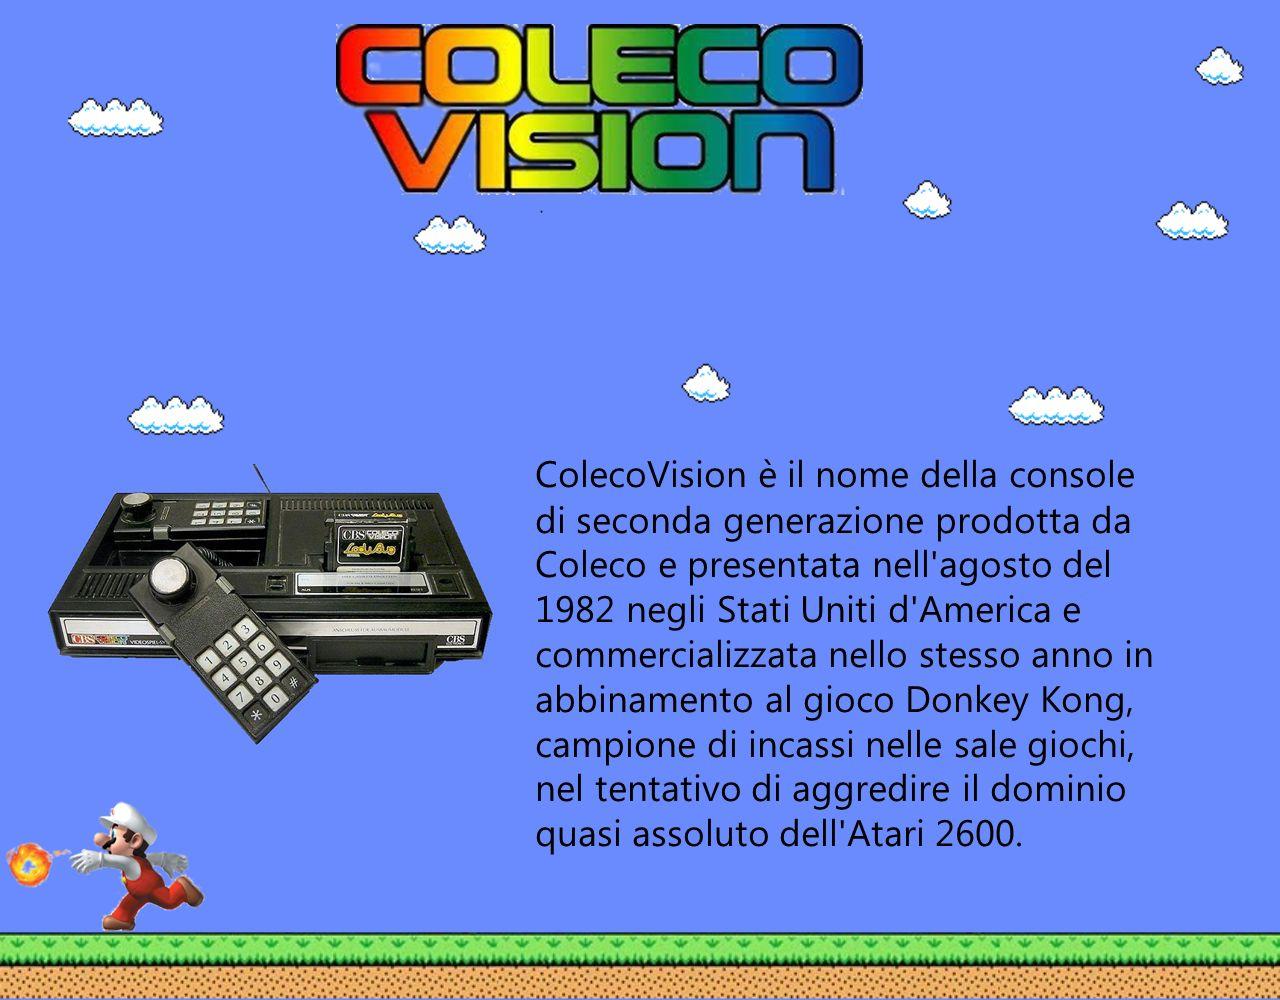 ColecoVision è il nome della console di seconda generazione prodotta da Coleco e presentata nell agosto del 1982 negli Stati Uniti d America e commercializzata nello stesso anno in abbinamento al gioco Donkey Kong, campione di incassi nelle sale giochi, nel tentativo di aggredire il dominio quasi assoluto dell Atari 2600.